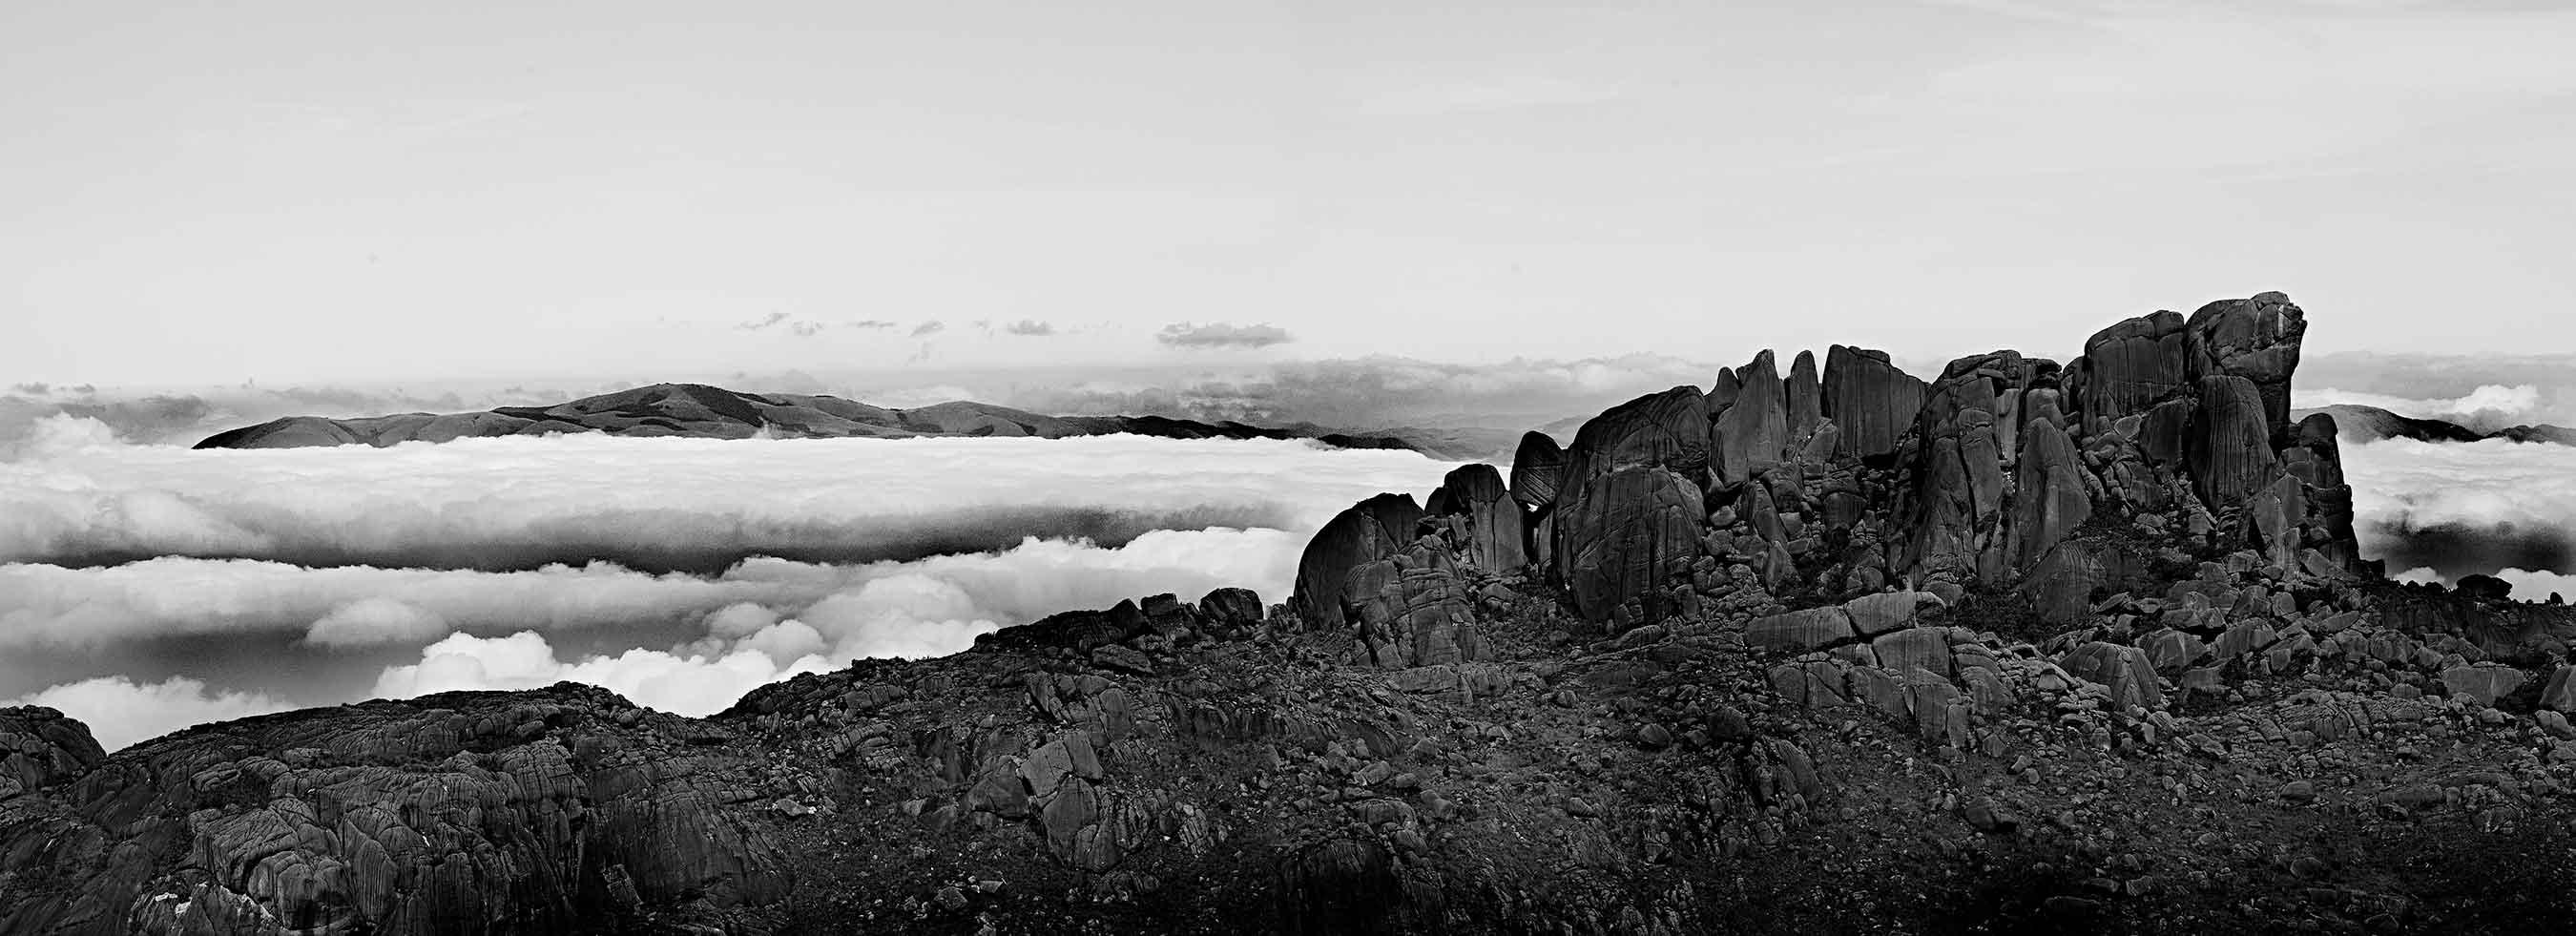 Ricardo-Martins-Mantiqueira-paisagem-PA_0000137-bx